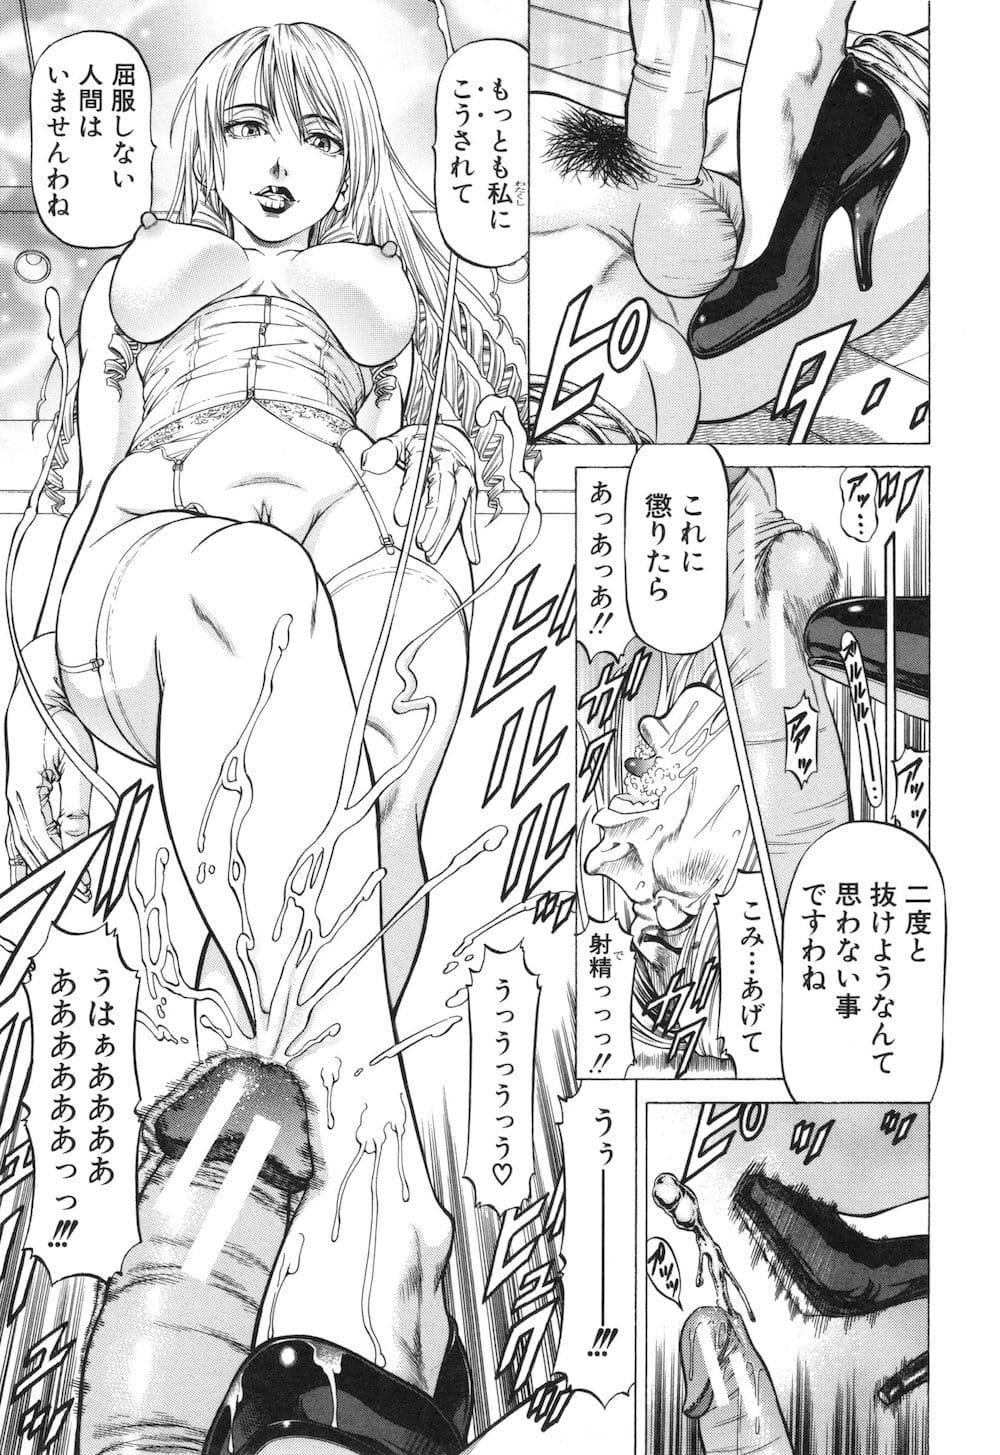 【長編エロ漫画・第2話】異能な力を持った者達のエロ物語!『体液操作』ができる謎の美女登場!男を射精できないチンポにして逆レイプ!彼女は一体、何者なのか!【香吹茂之】